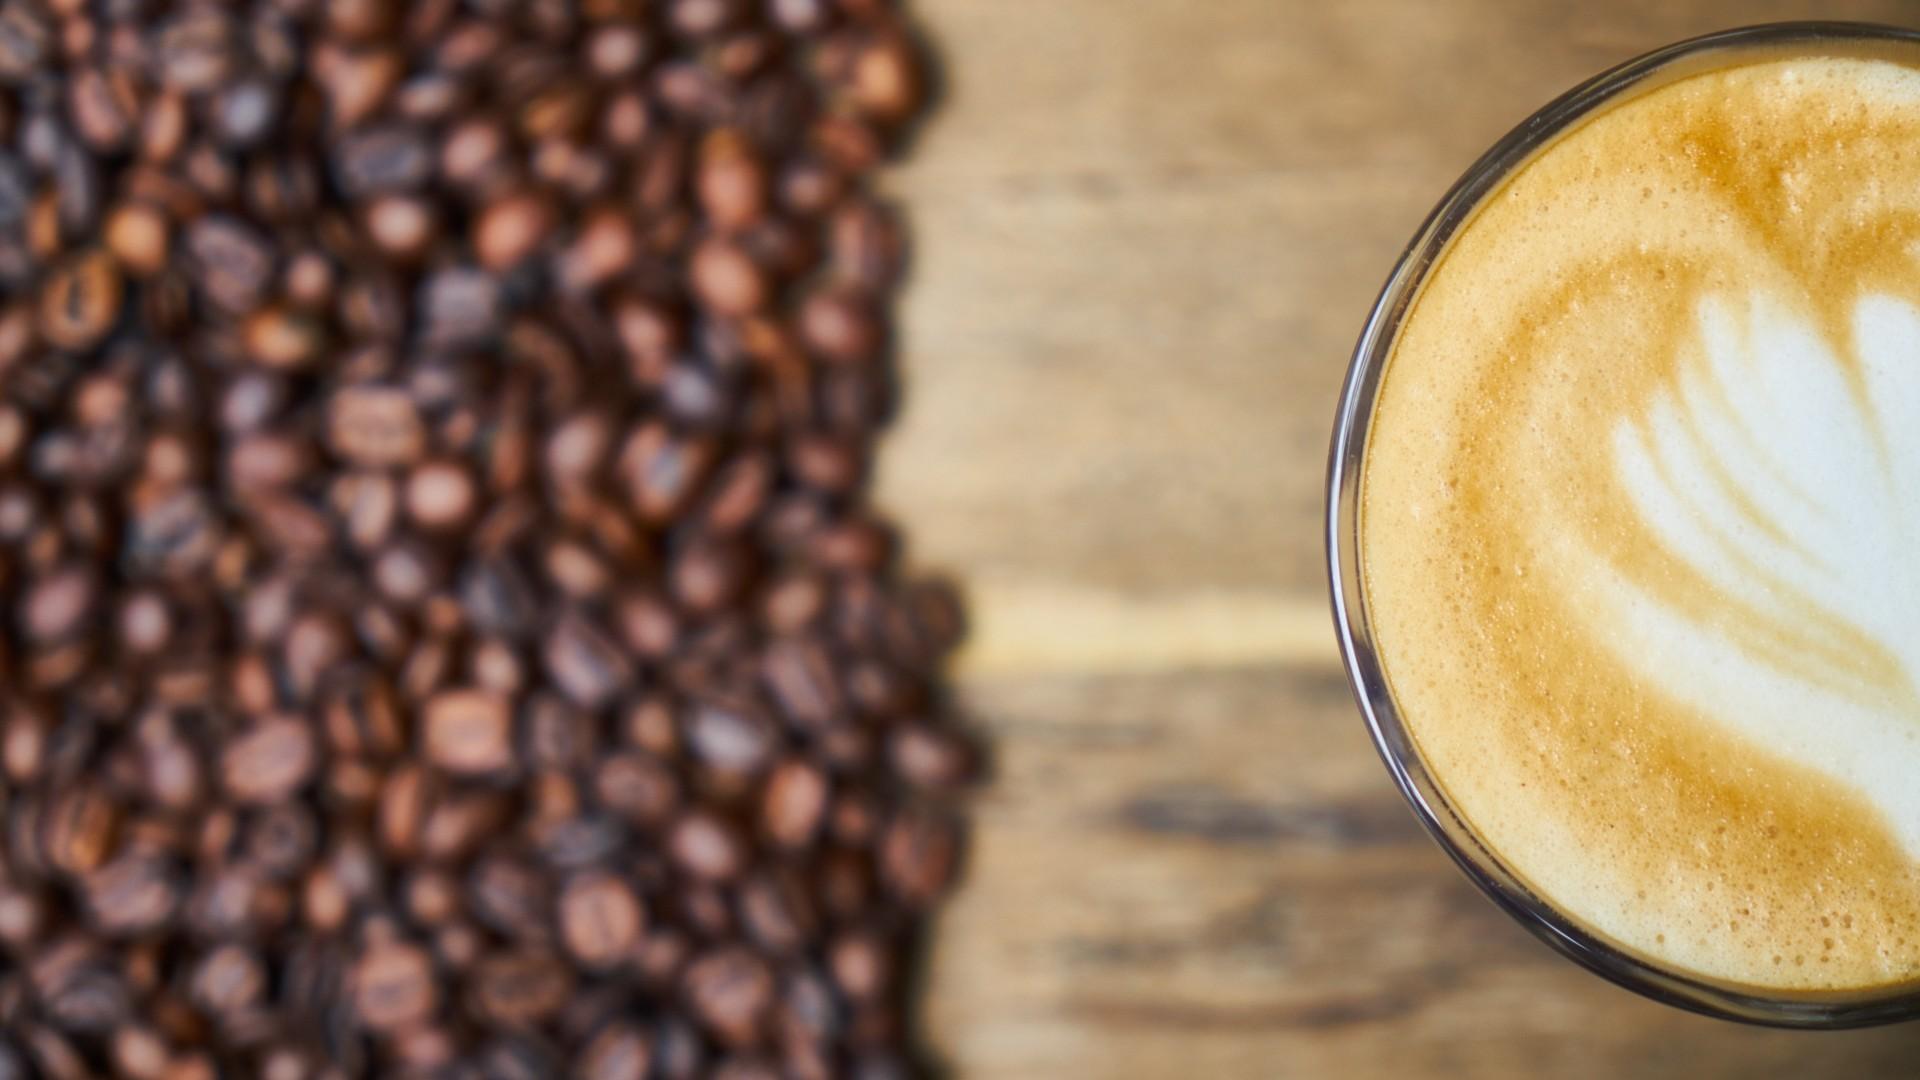 香醇的咖啡豆宽屏桌面壁纸图片